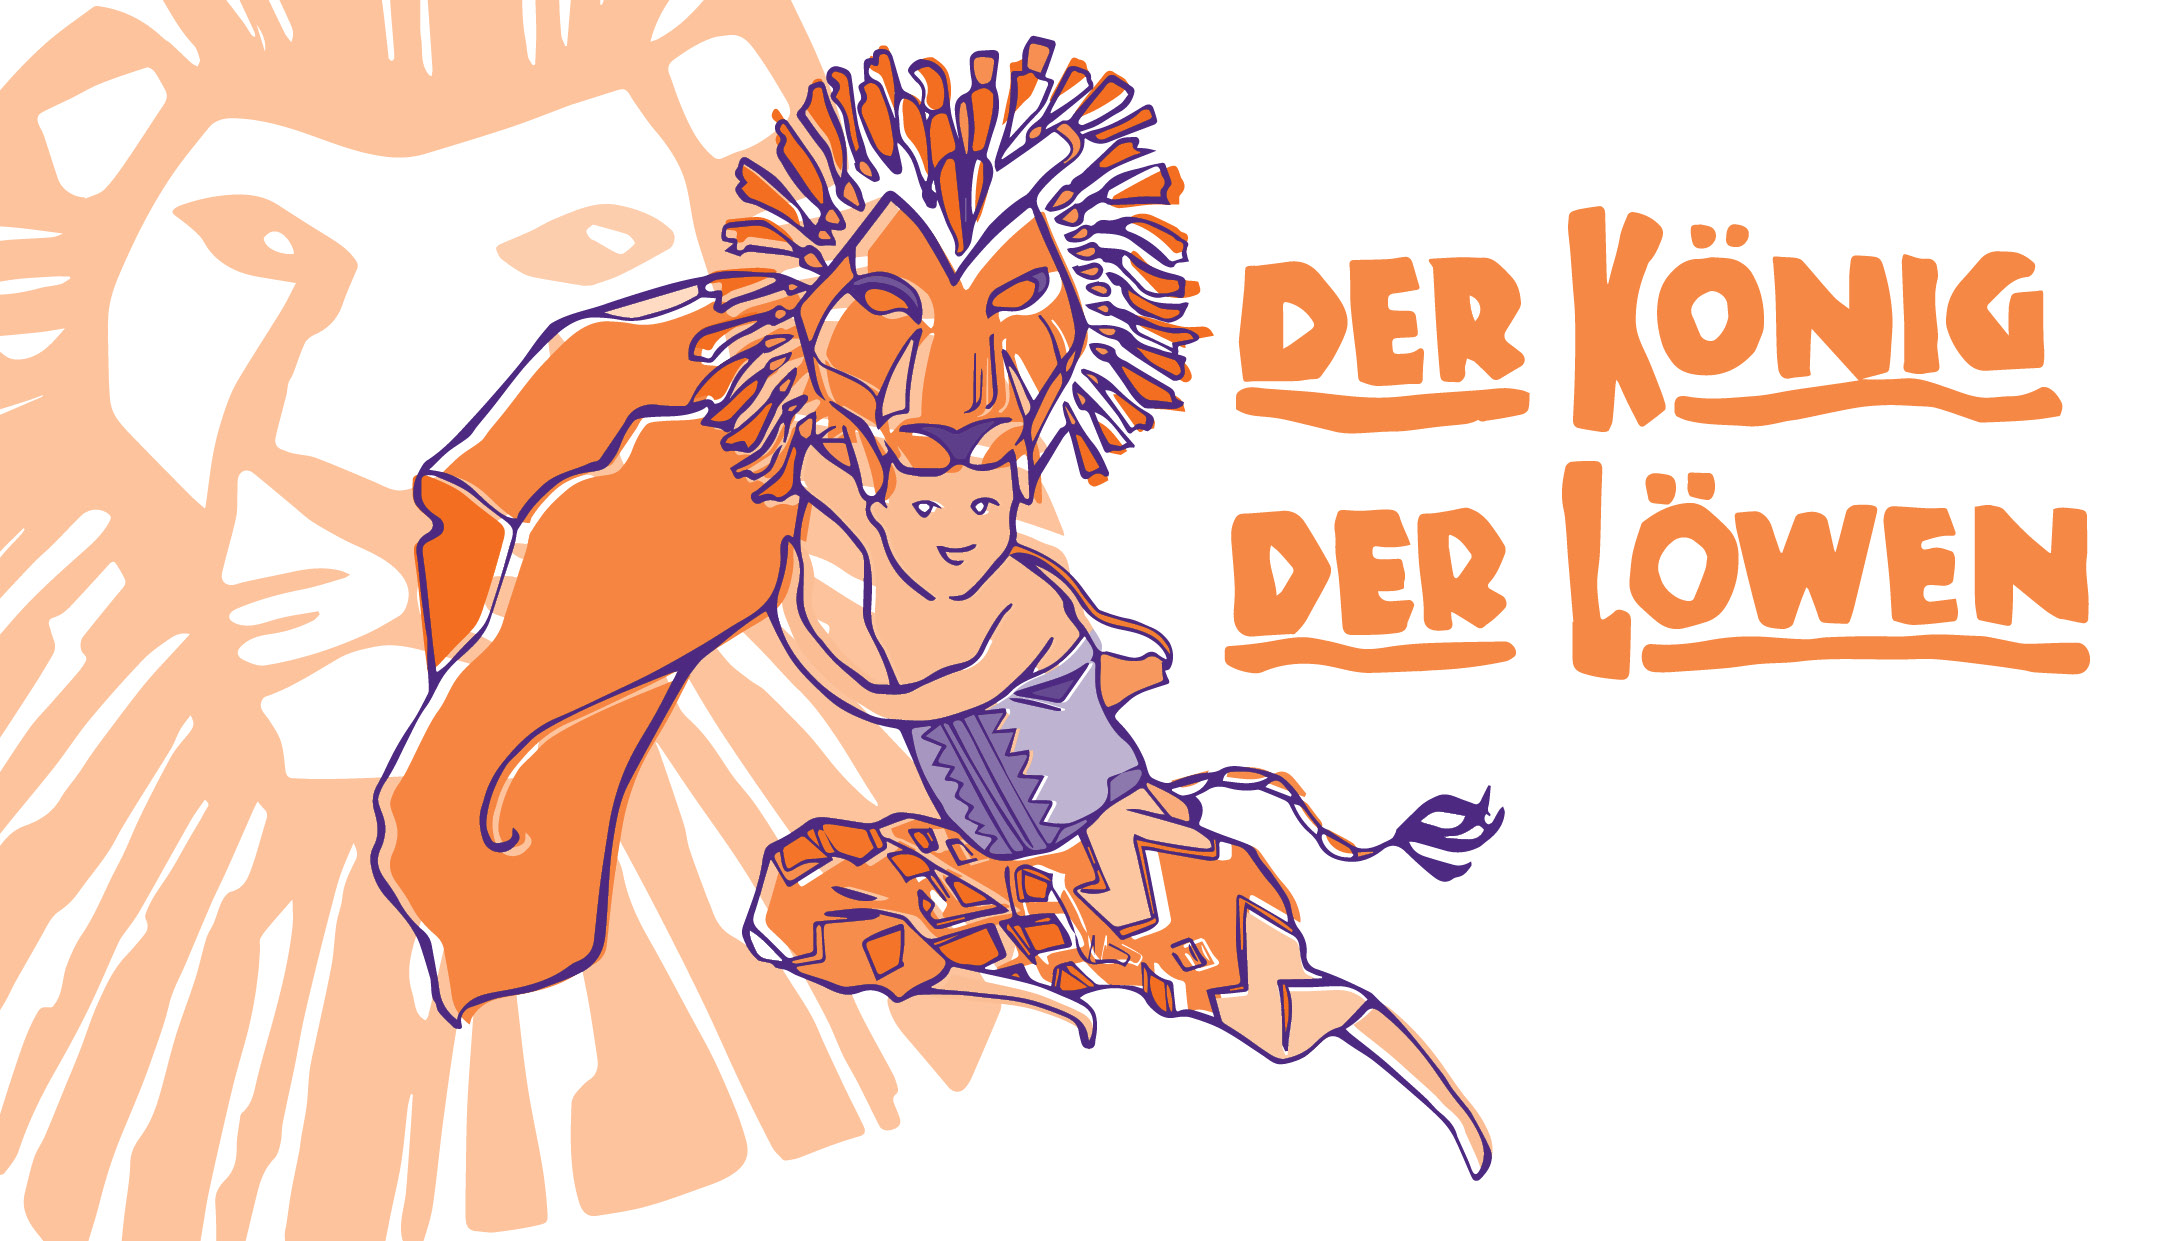 franziska_schneider_illustration_der_könig_der_löwen_musical_hamburg